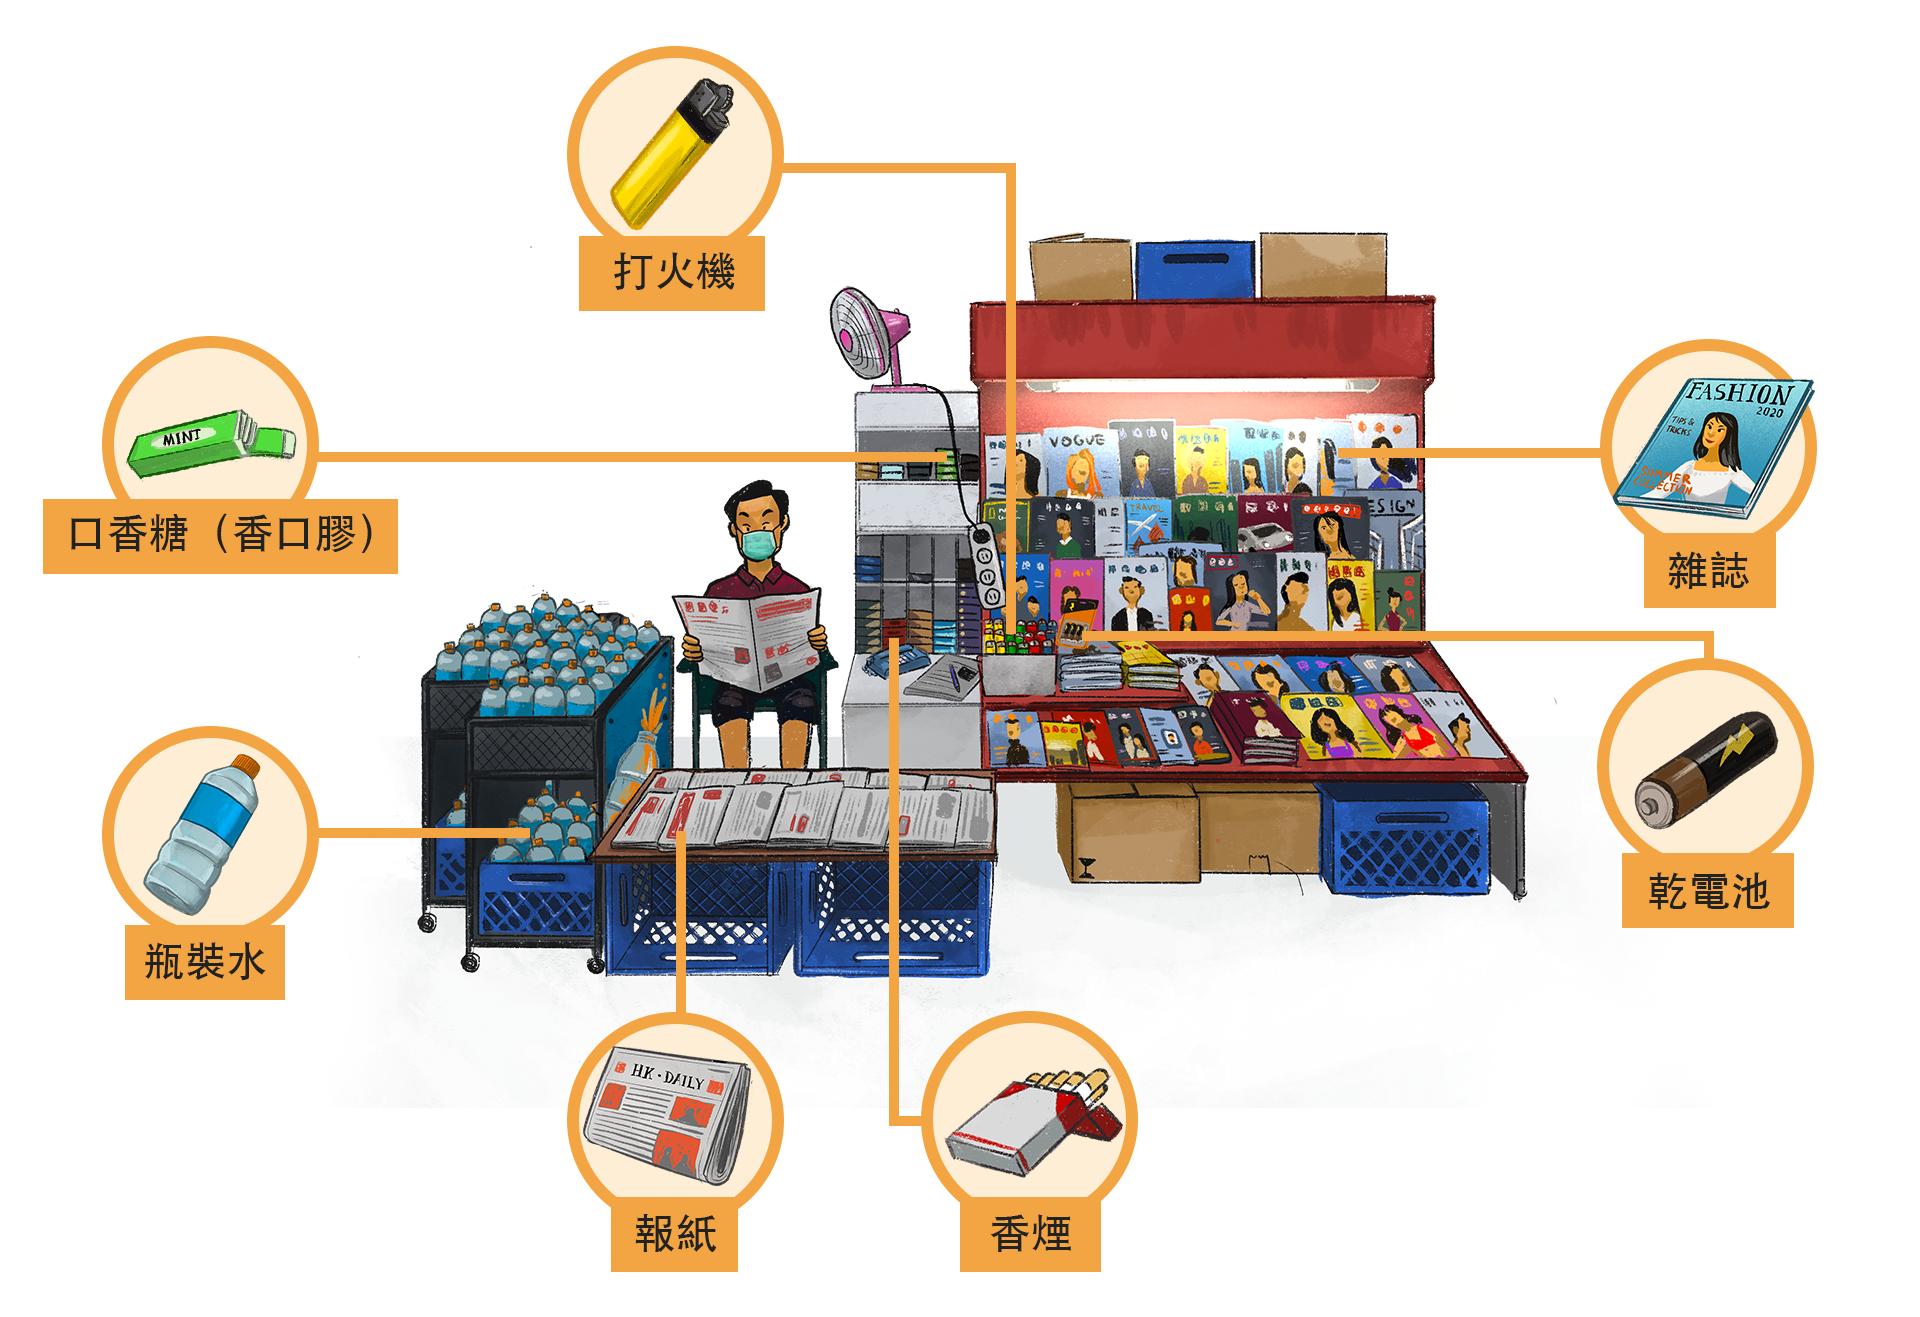 插图:香港报摊规定可销售之货品